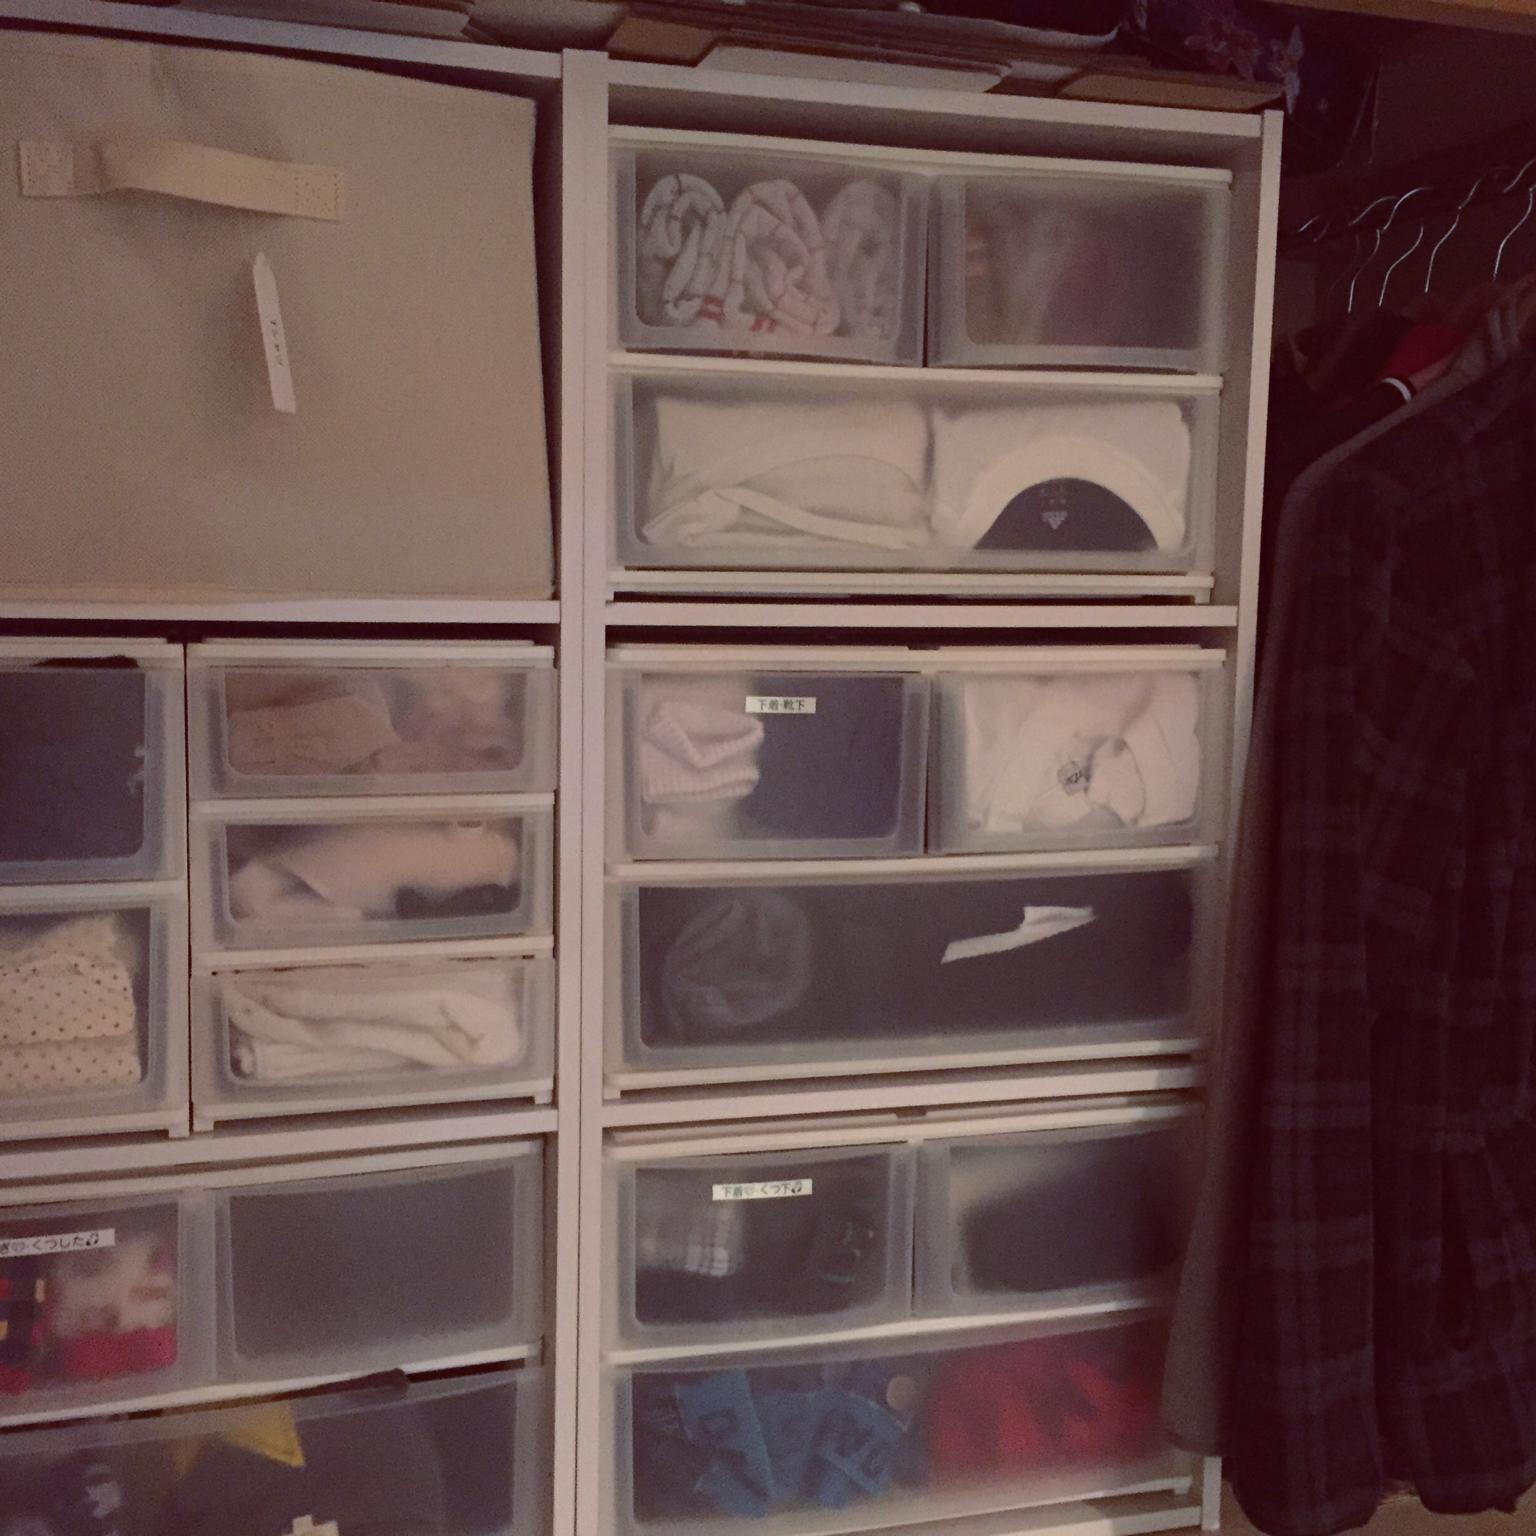 衣替えと共に収納を見直そう!参考にしたい衣類収納術